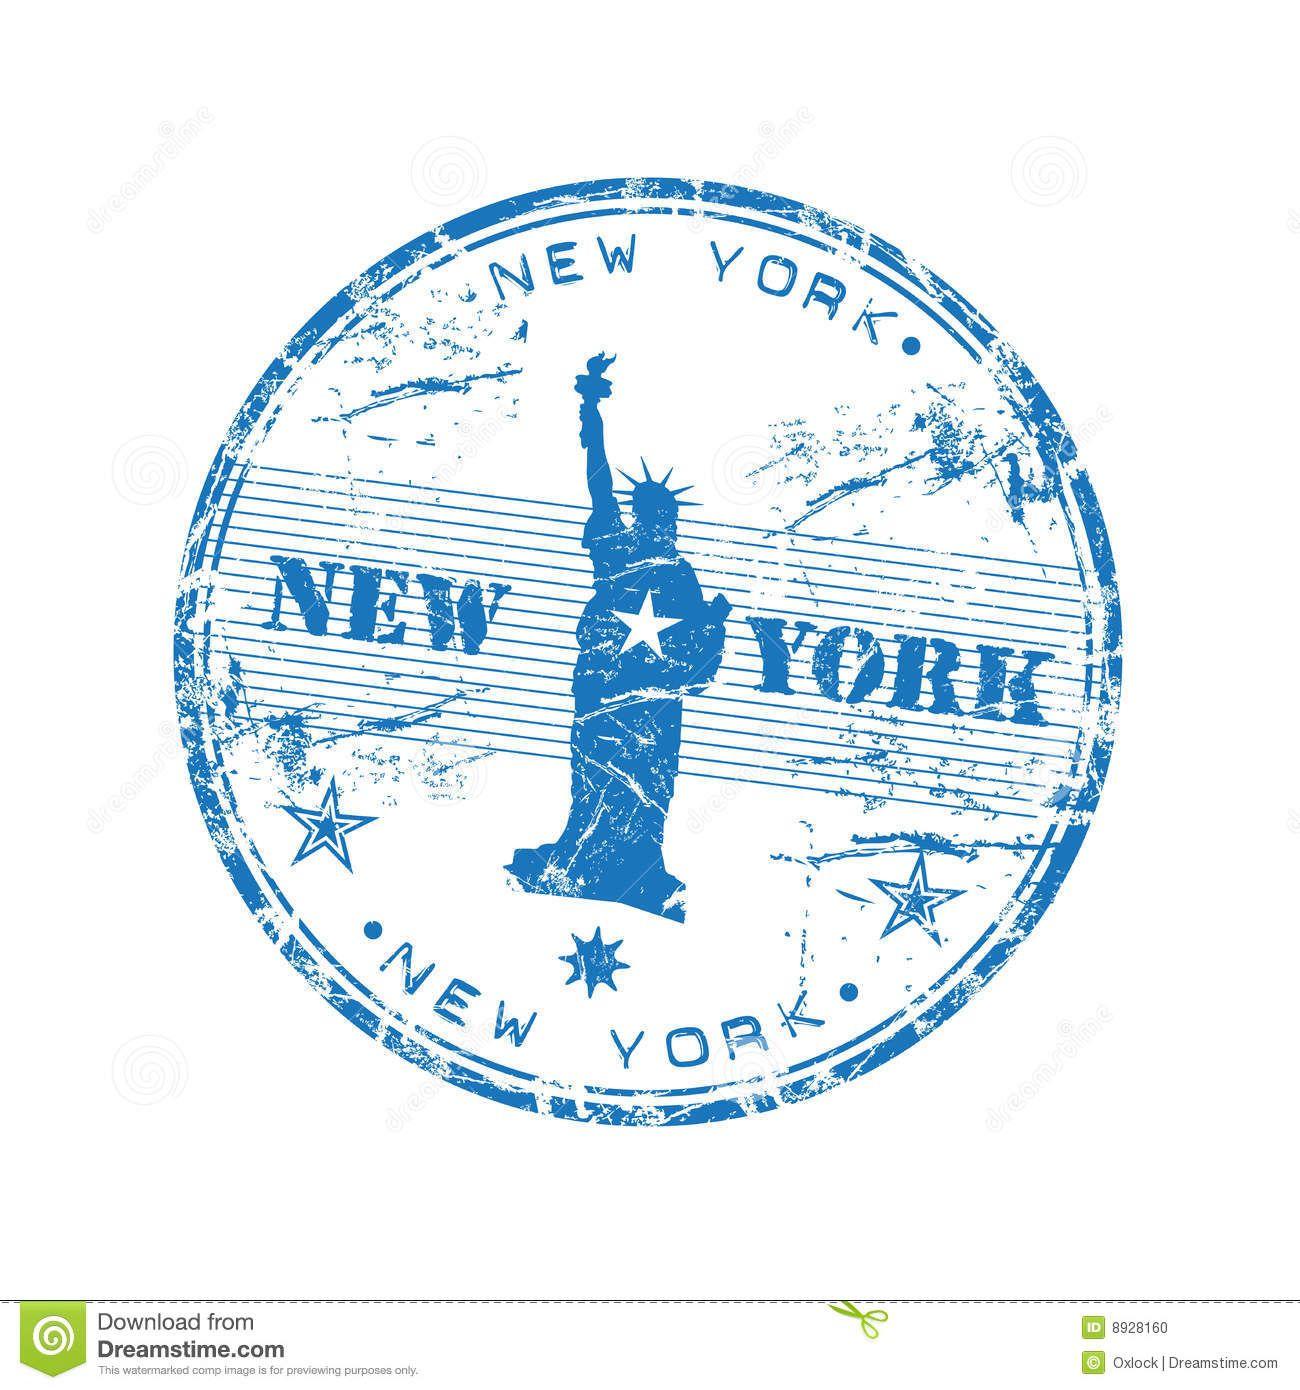 New York Passport Stamp